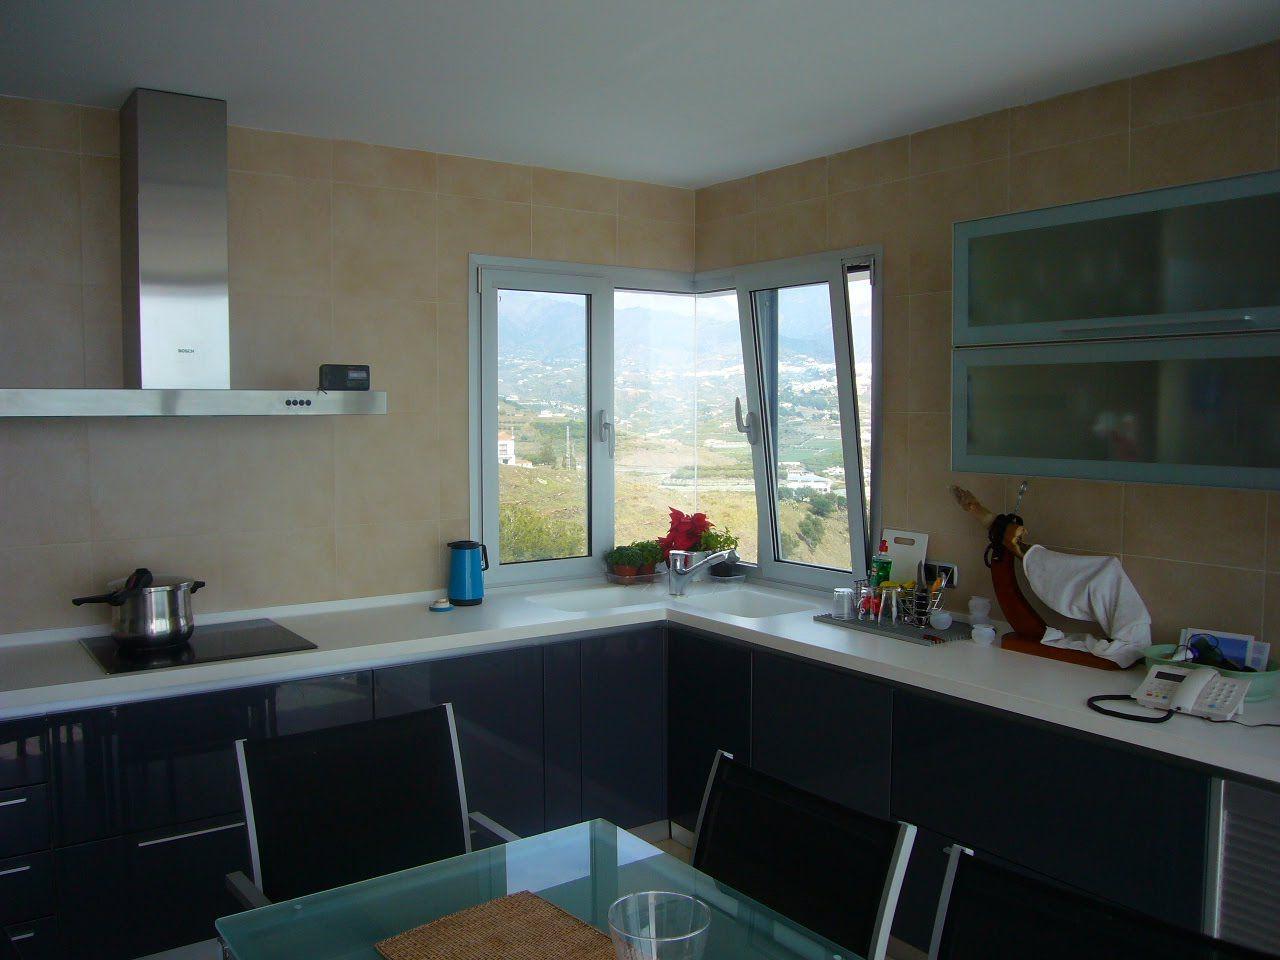 Ventanas esquineros vista de la mencionada ventana dese - Cocinas en esquina ...